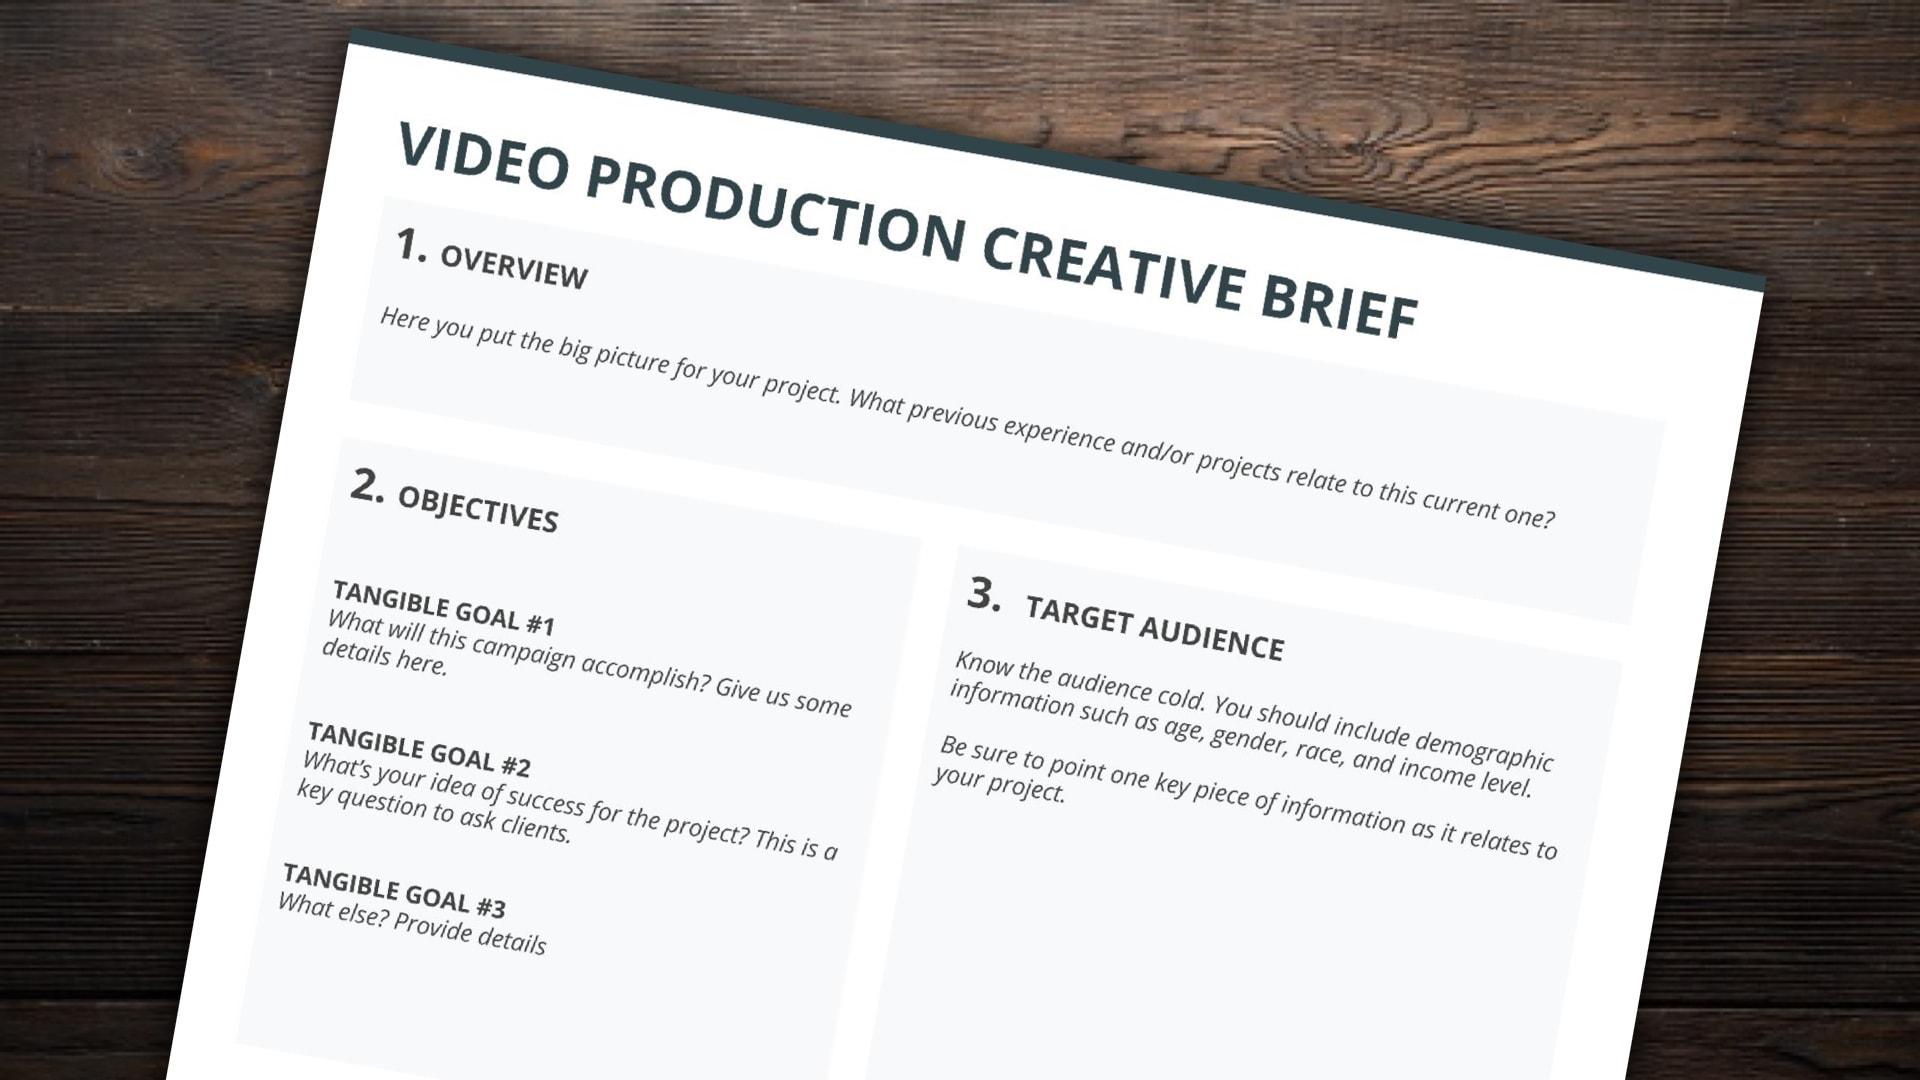 TVC brief bước đầu giúp agency, Production house nắm bắt nhu cầu của client